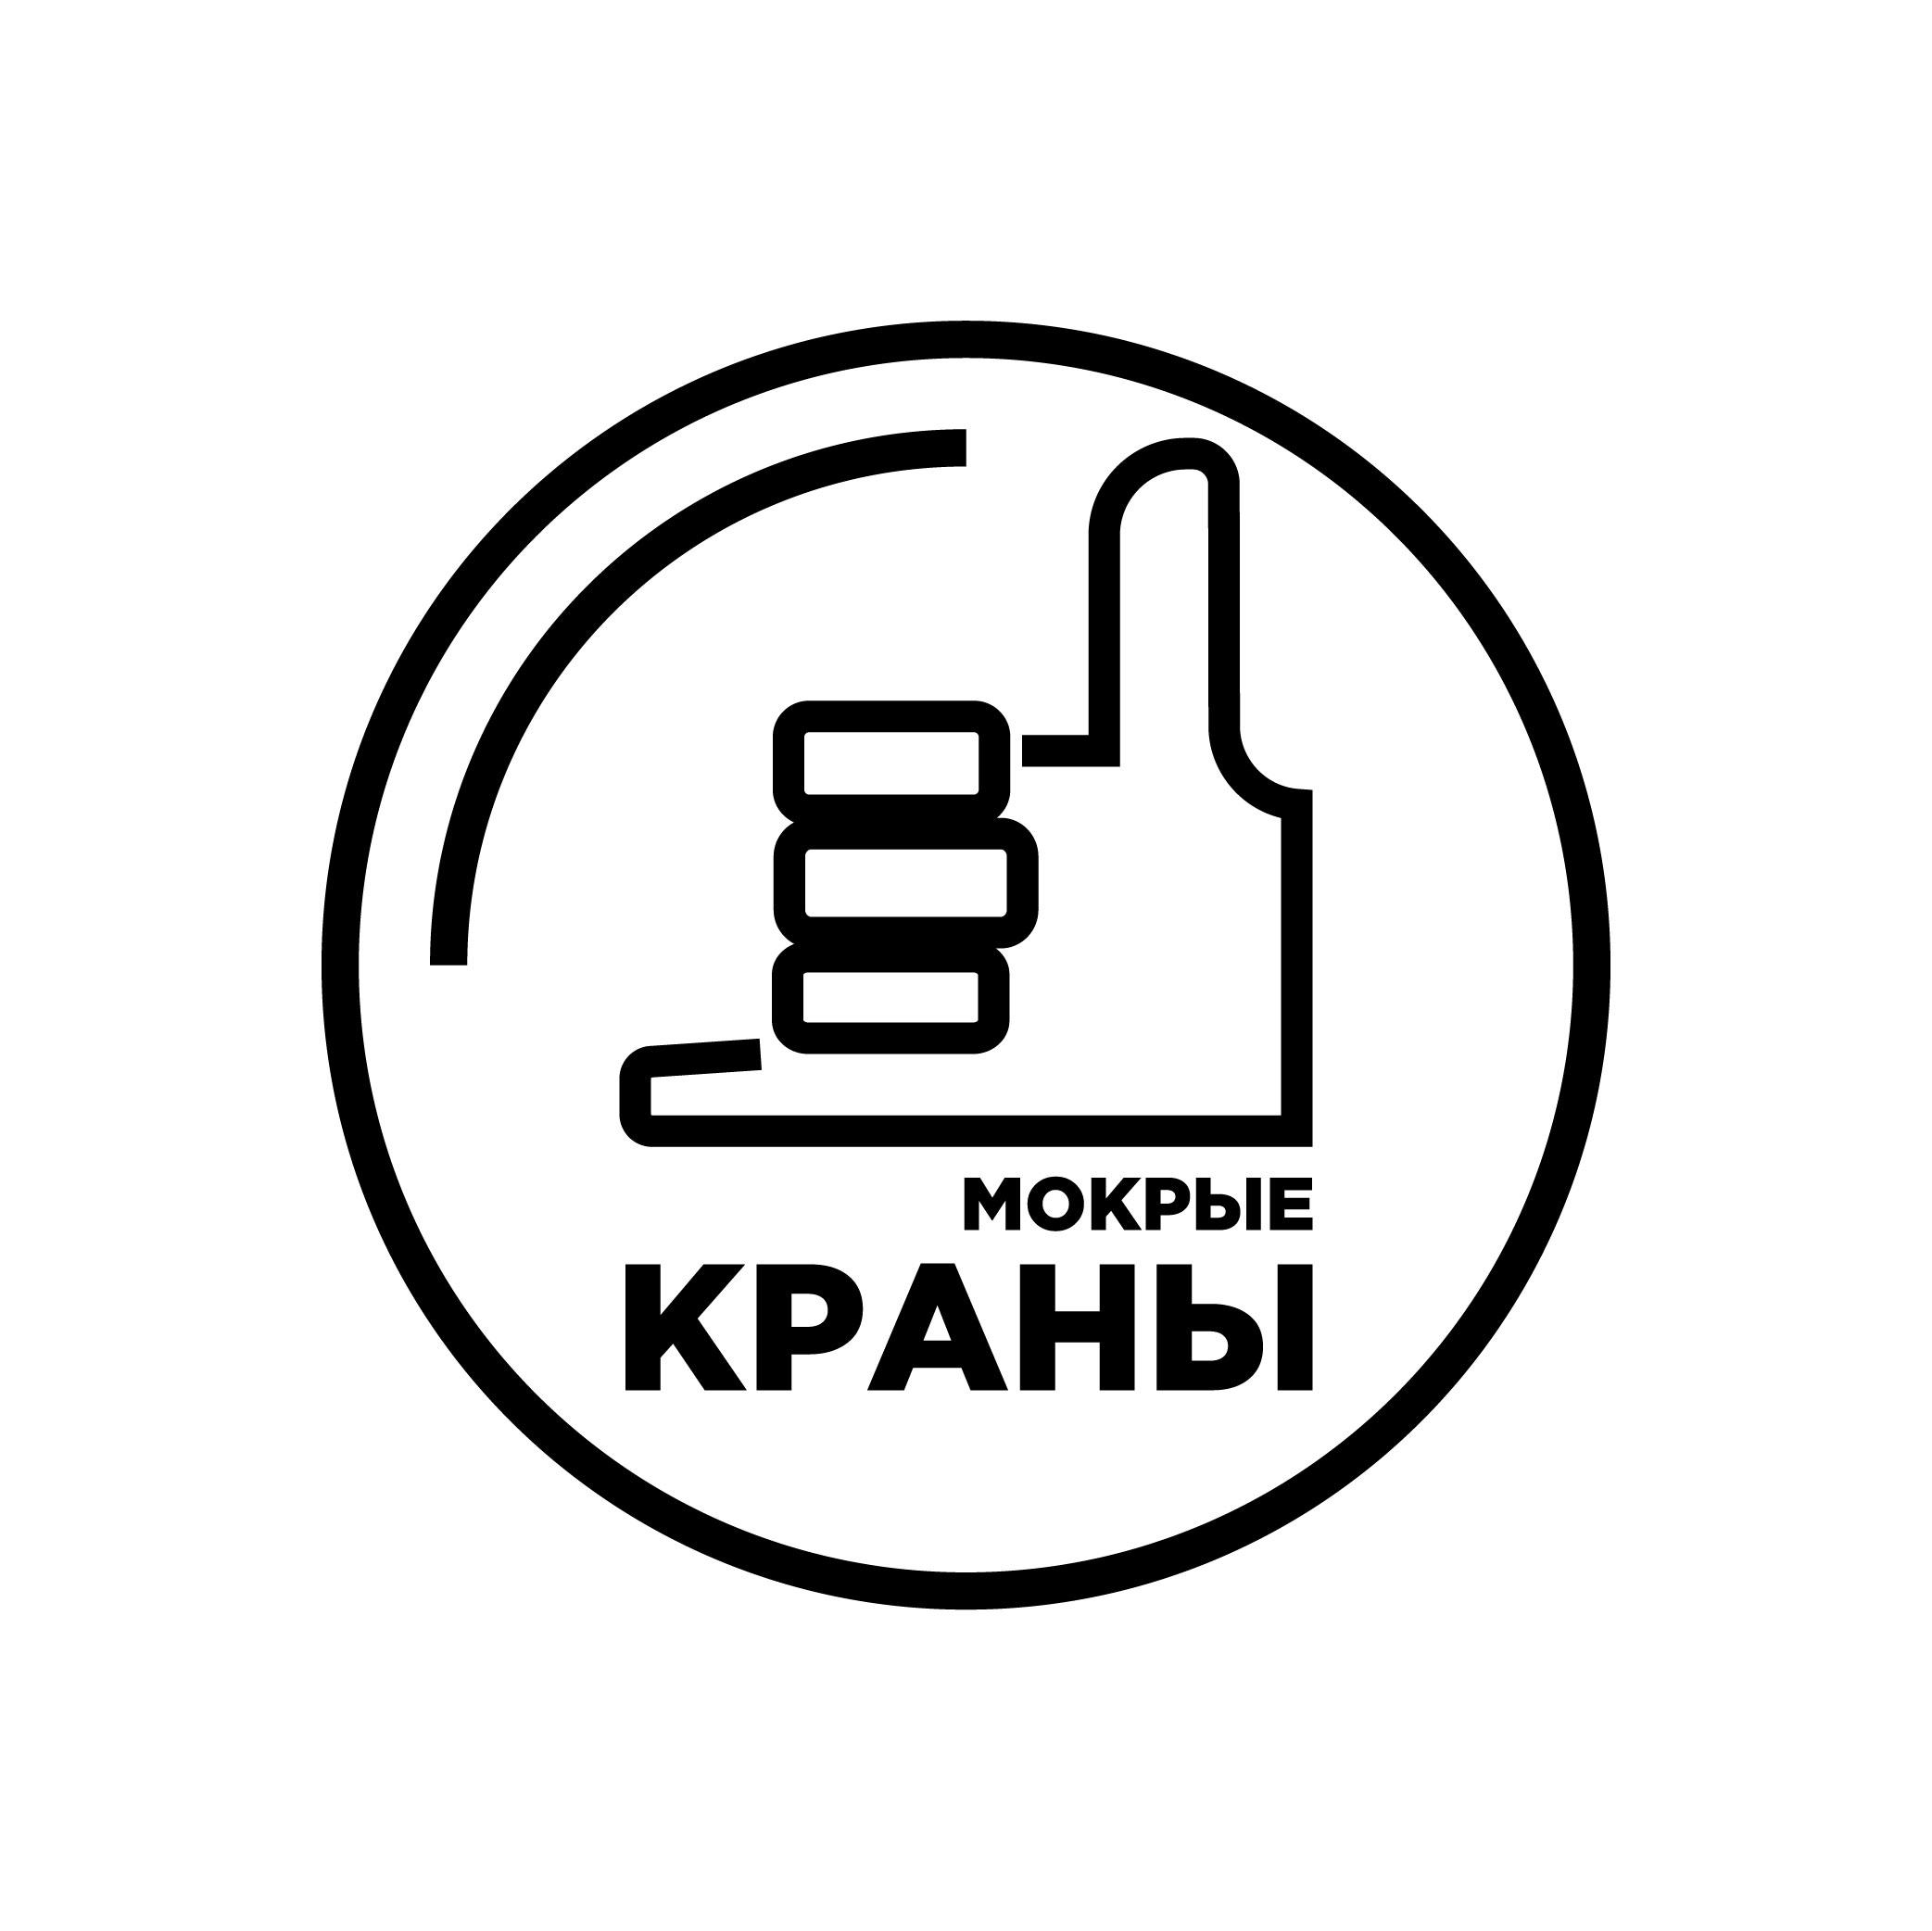 Вывеска/логотип для пивного магазина фото f_8916023649323722.jpg